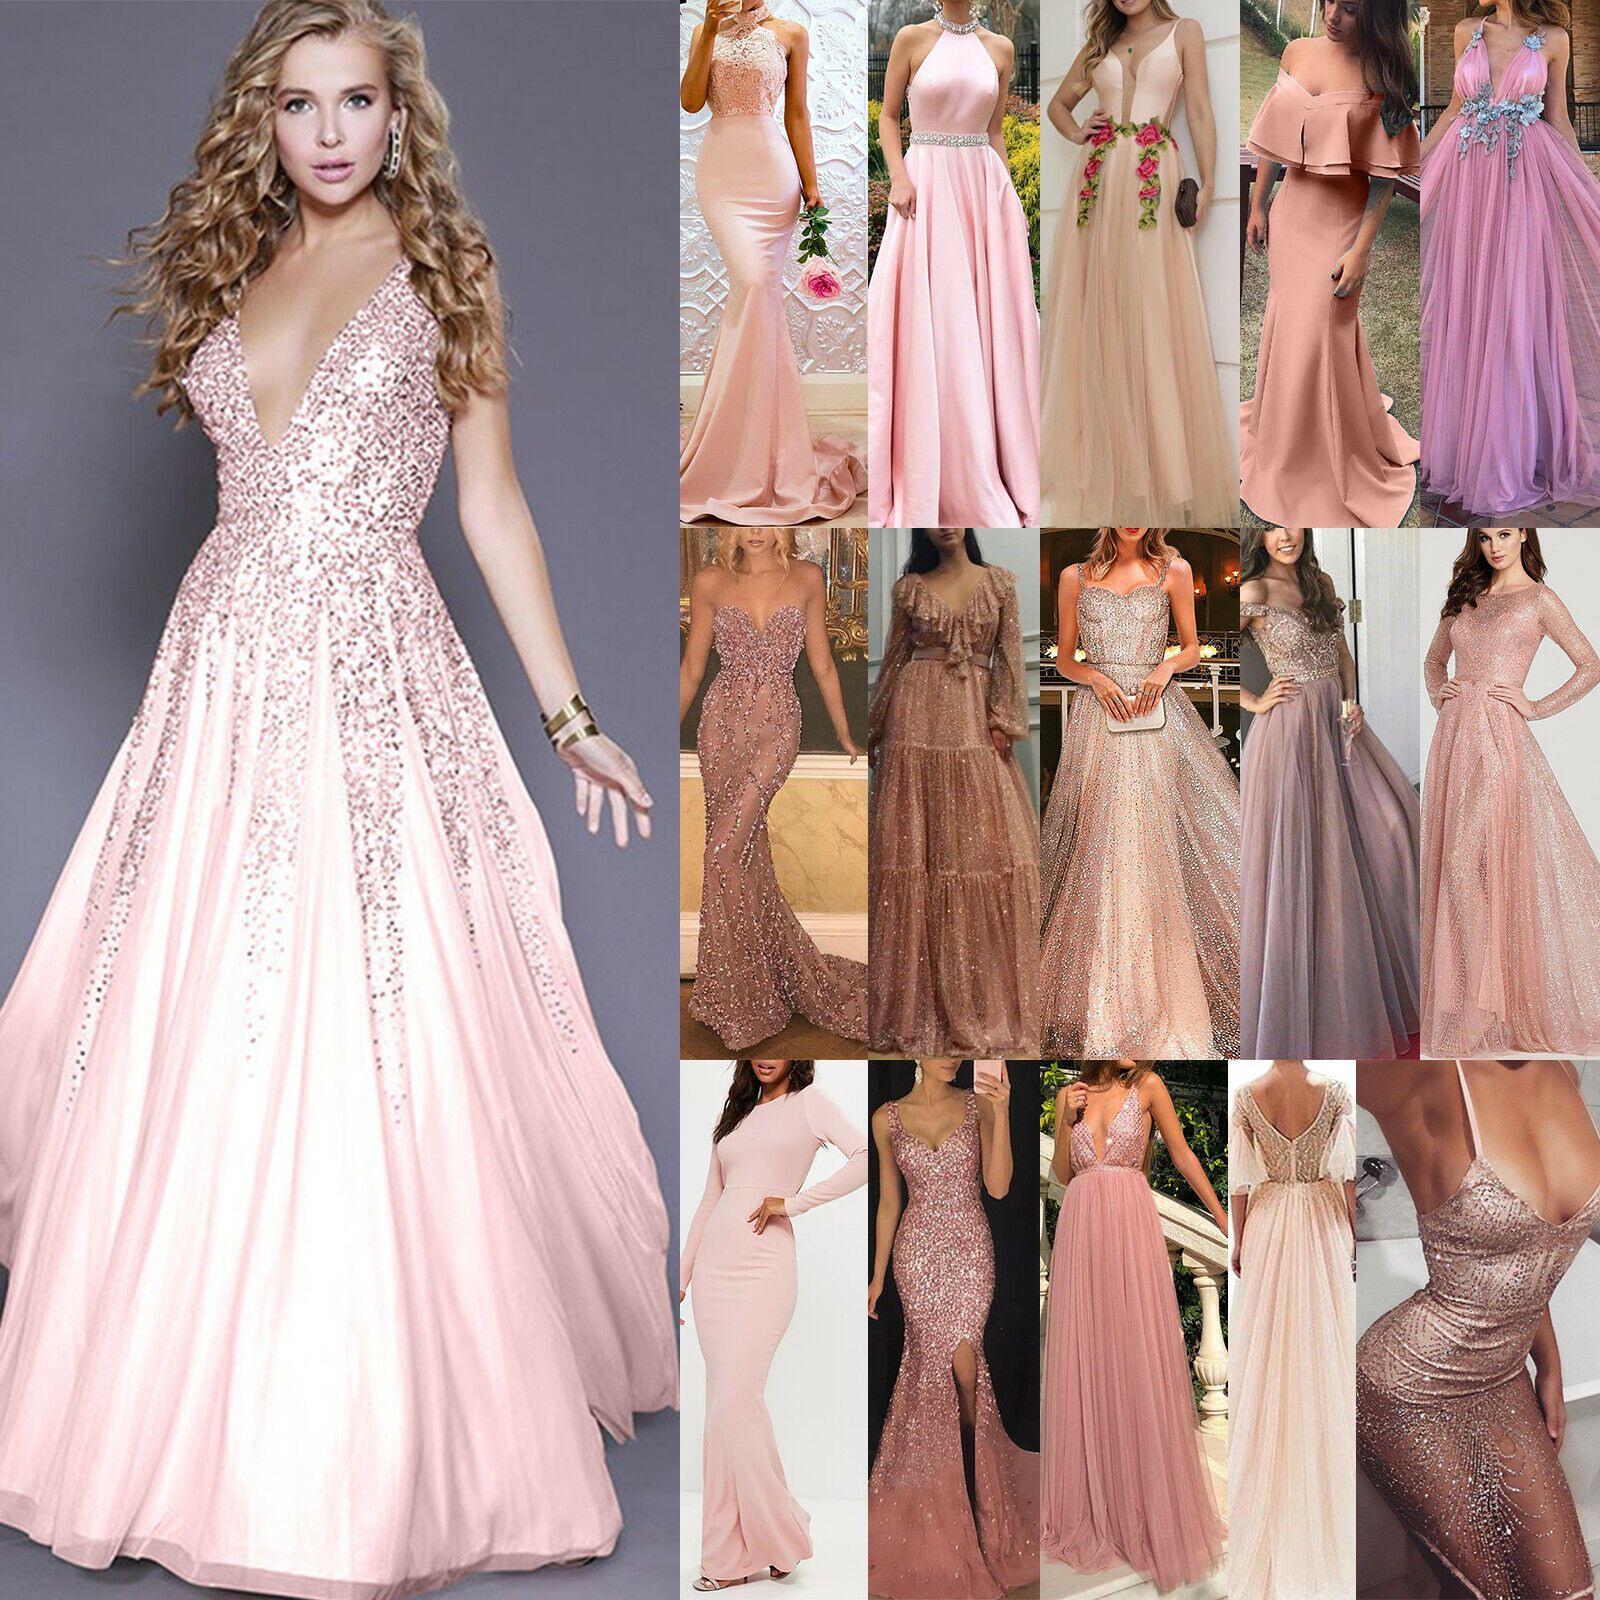 Abend Ausgezeichnet Abend Dress Robe Vertrieb15 Coolste Abend Dress Robe Vertrieb